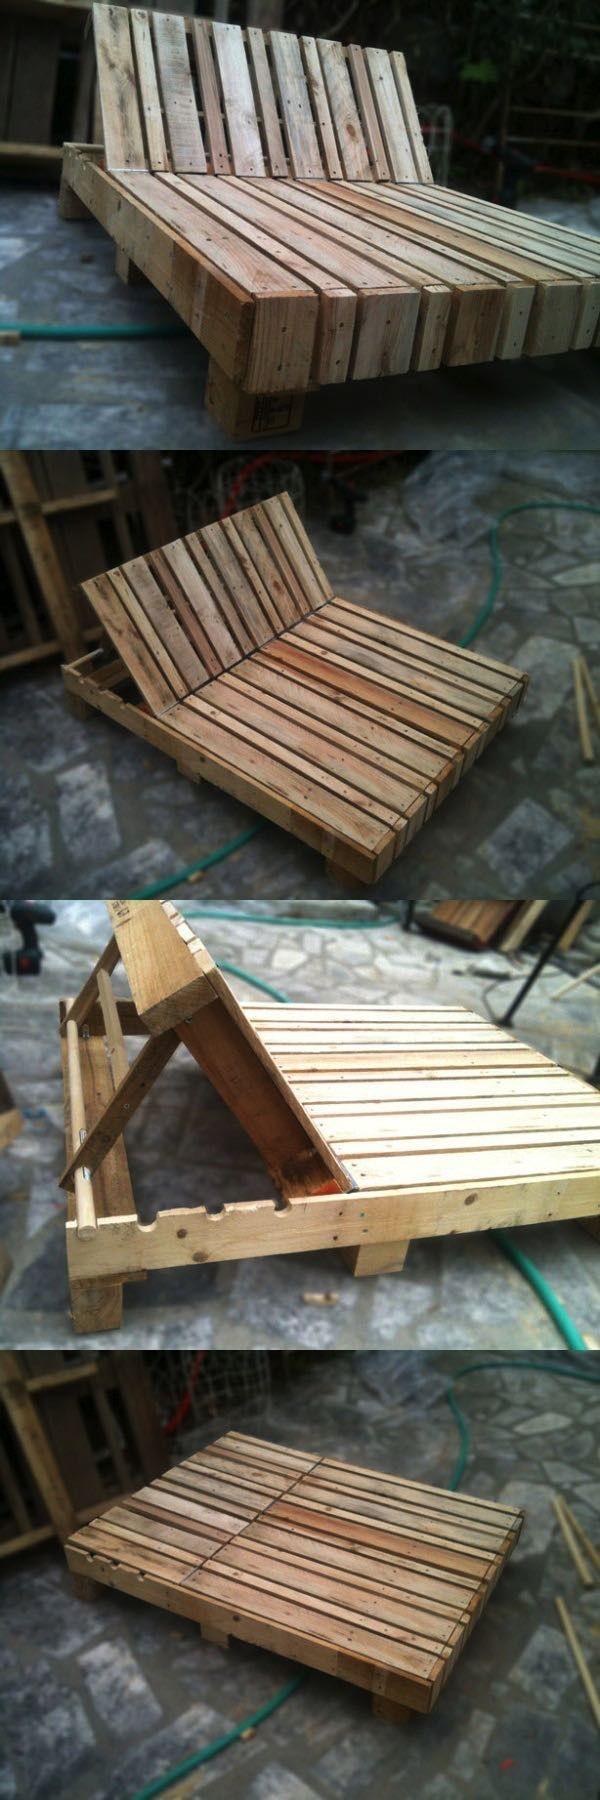 Palety sú skvelým recyklačným materiálom pre domácich kutilov. So správnym ošetrením dreva môžu akékoľvek palety vyzerať dobre. Stačí už len pridať matrac, vankúše a posteľ je hotová. Je to super aj ako dočasné riešenie...